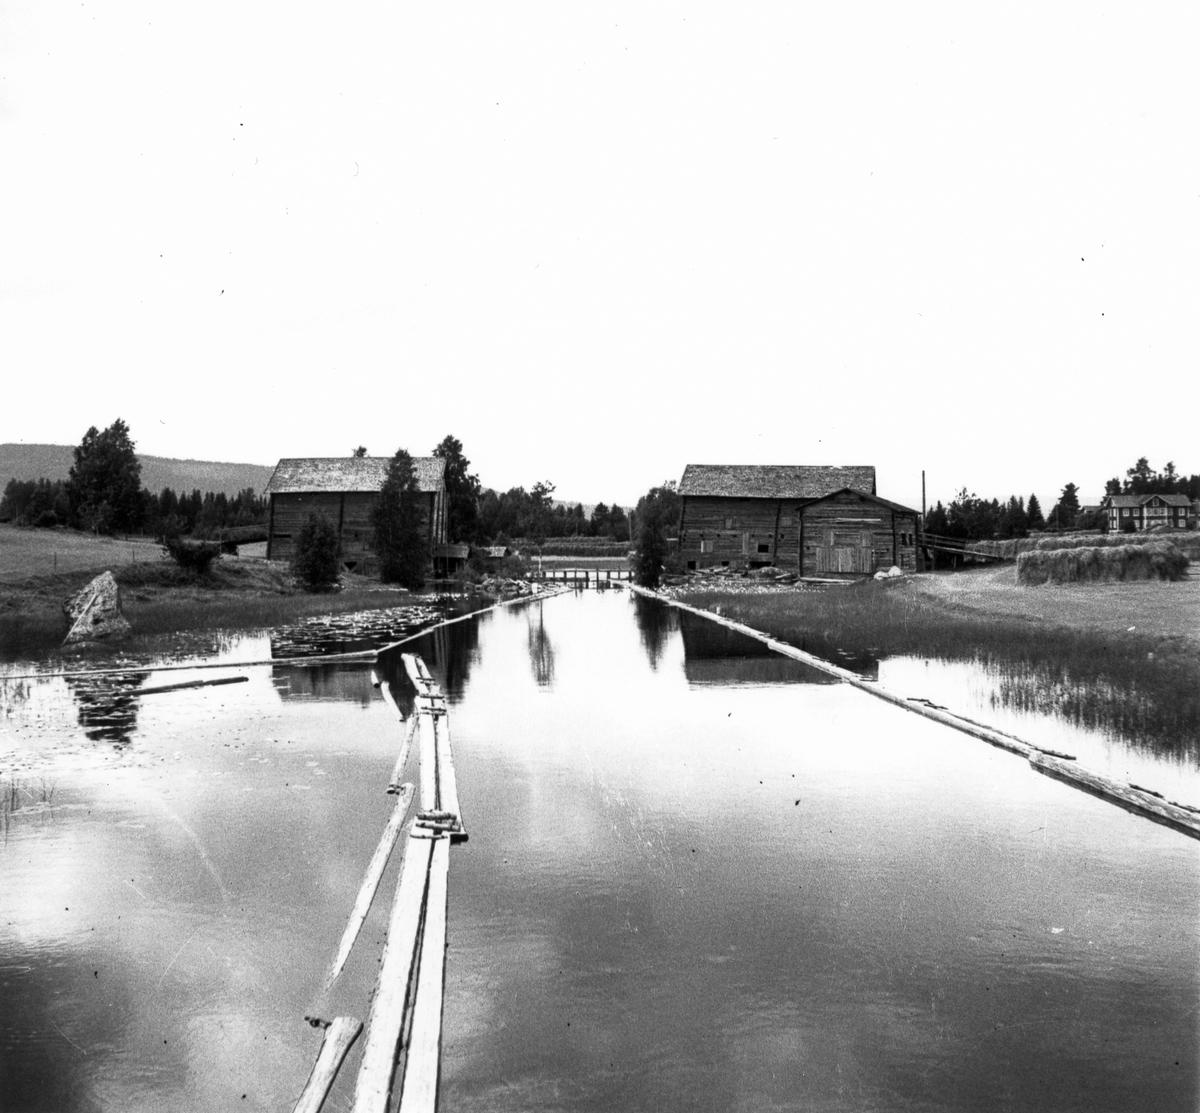 Vy över Iste, Arbrå socken, Bollnäs kommun. Tröskladorna på Petters och Västergården. Blomqvists till höger.